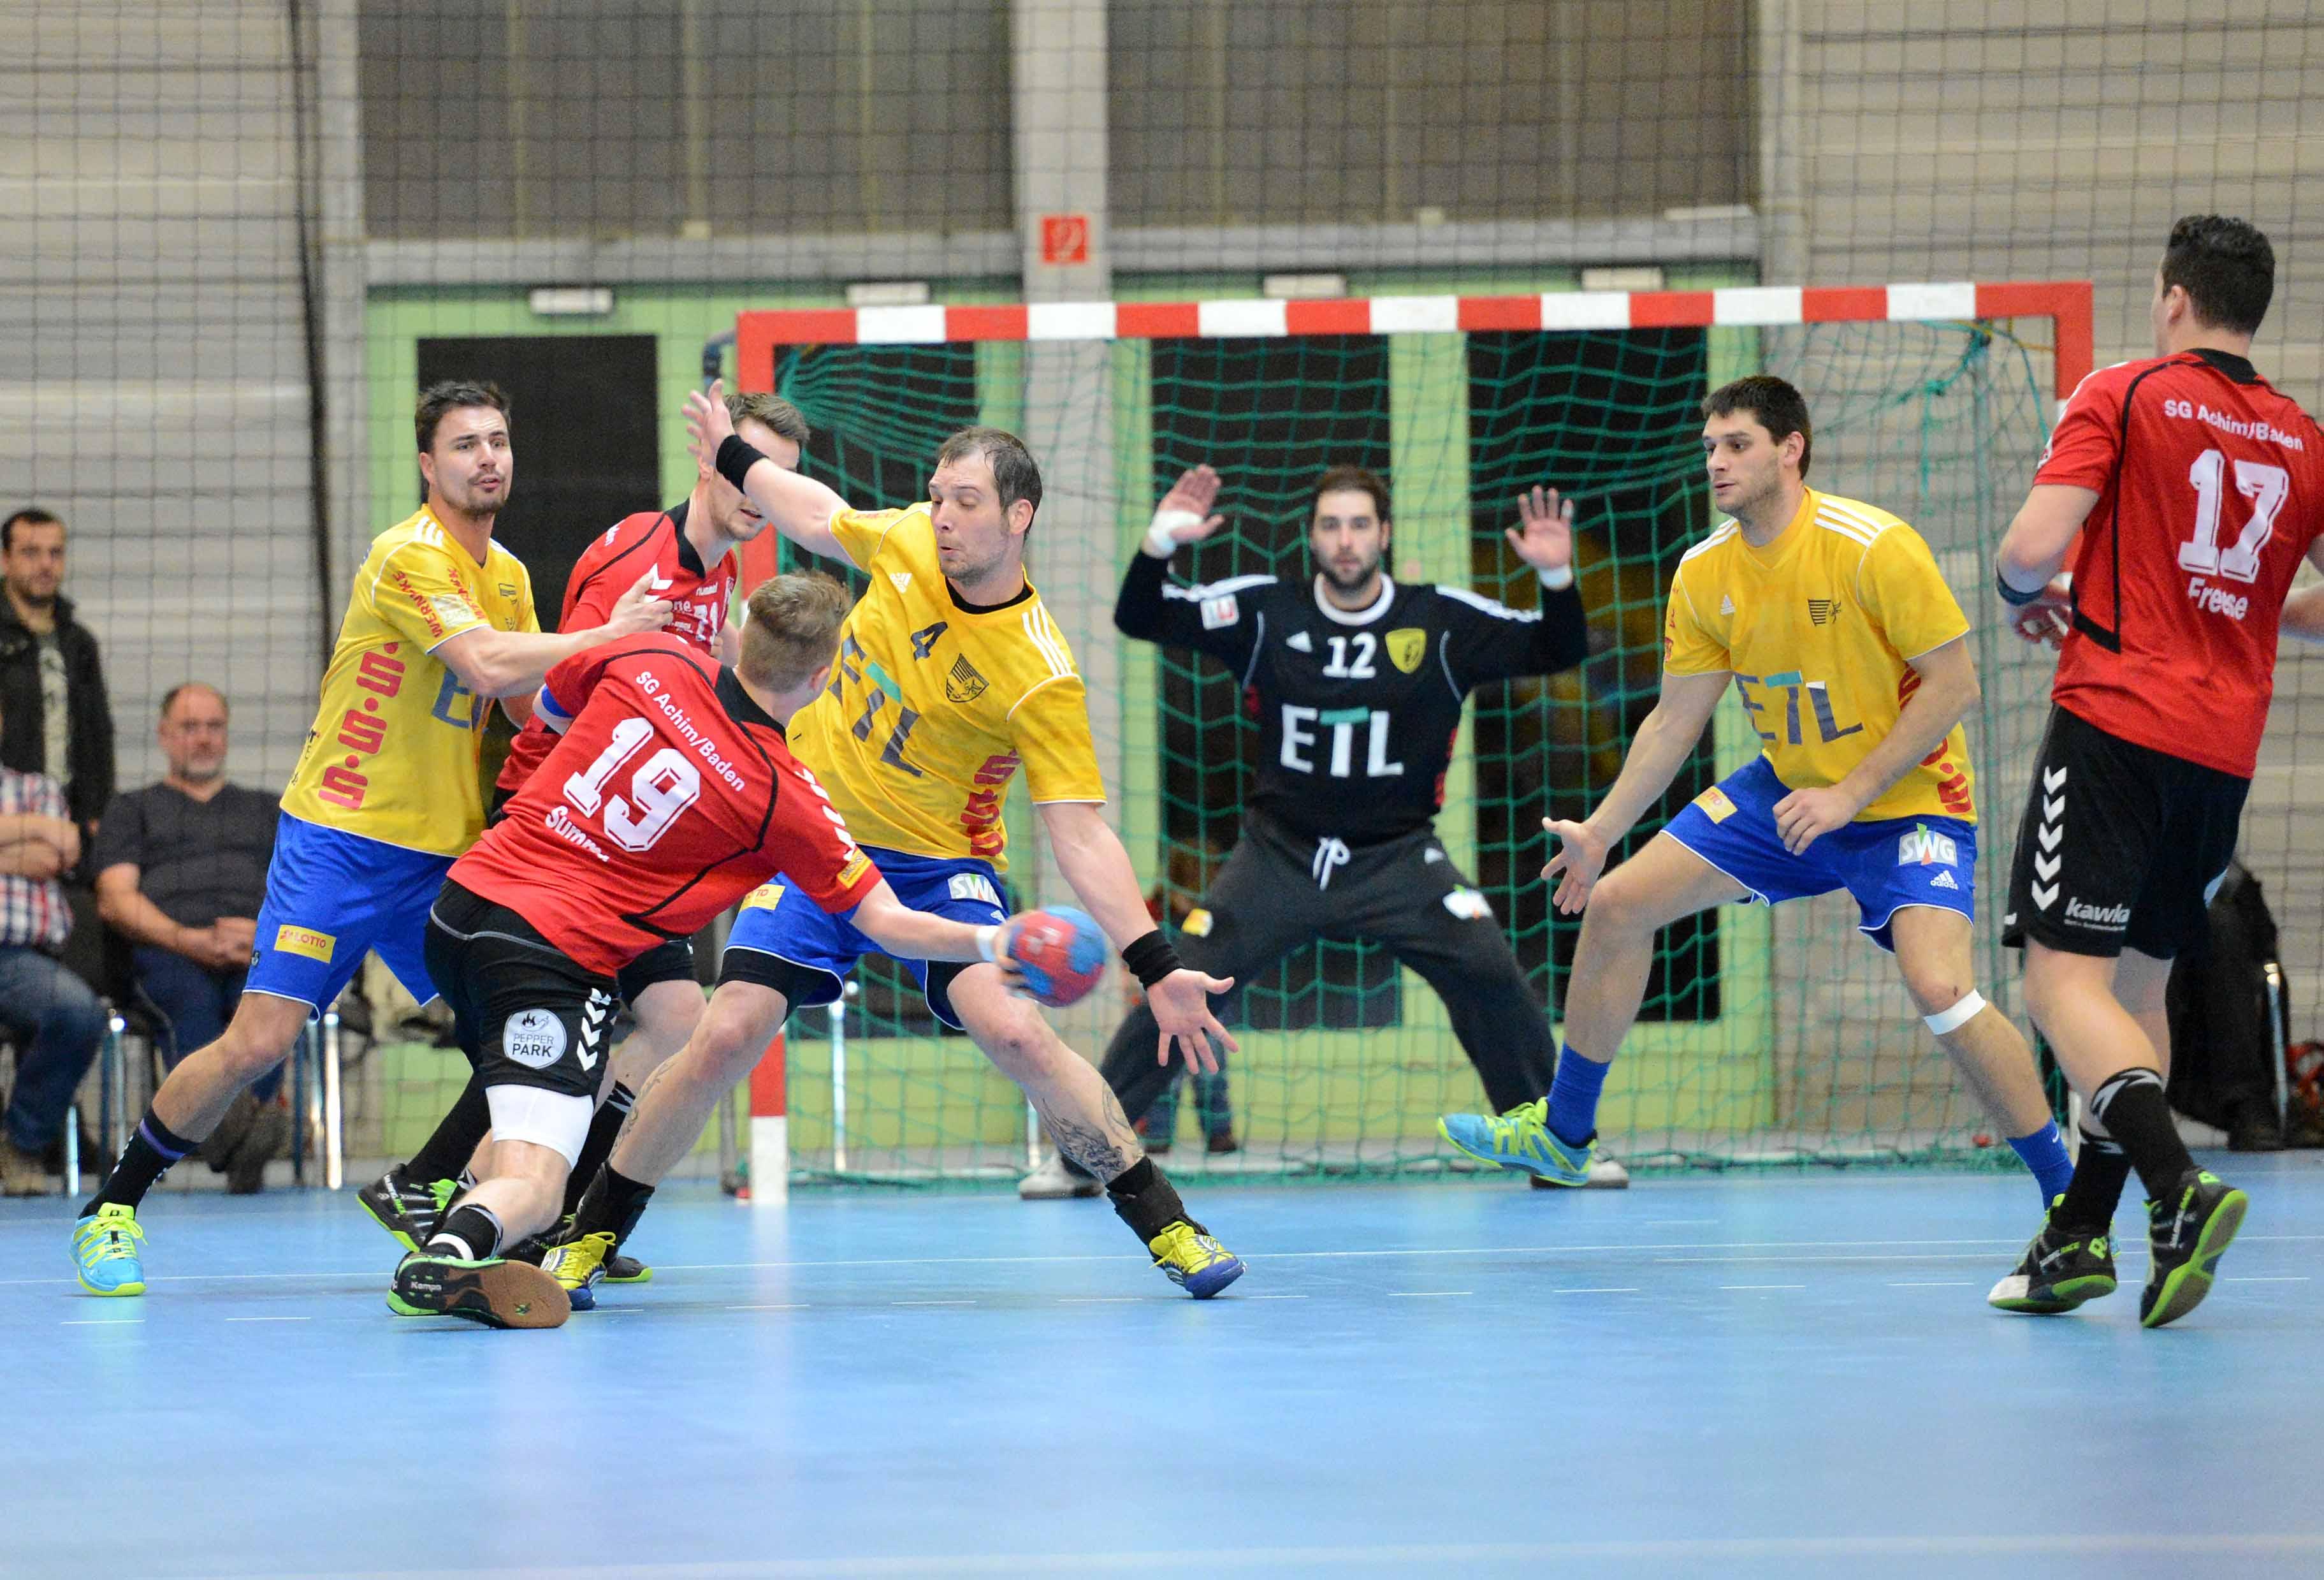 Hallenfußball Schwerin